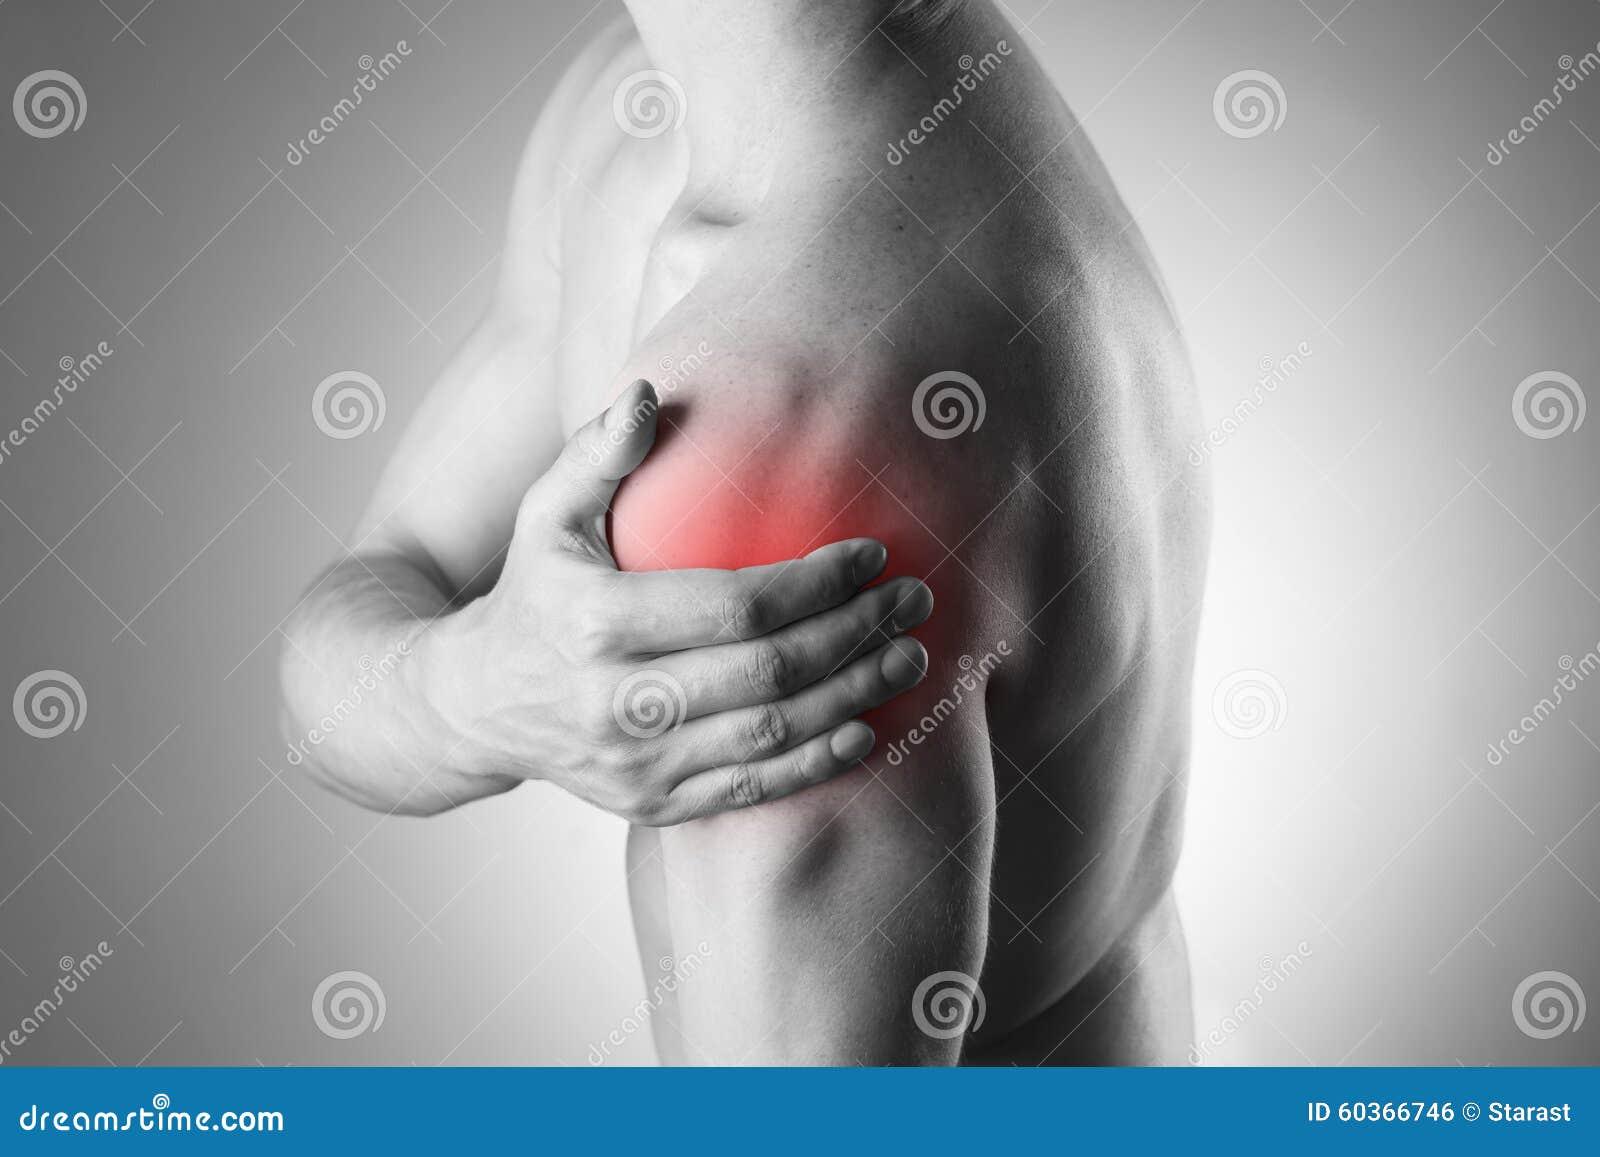 Человек с болью в плече Боль в человеческом теле